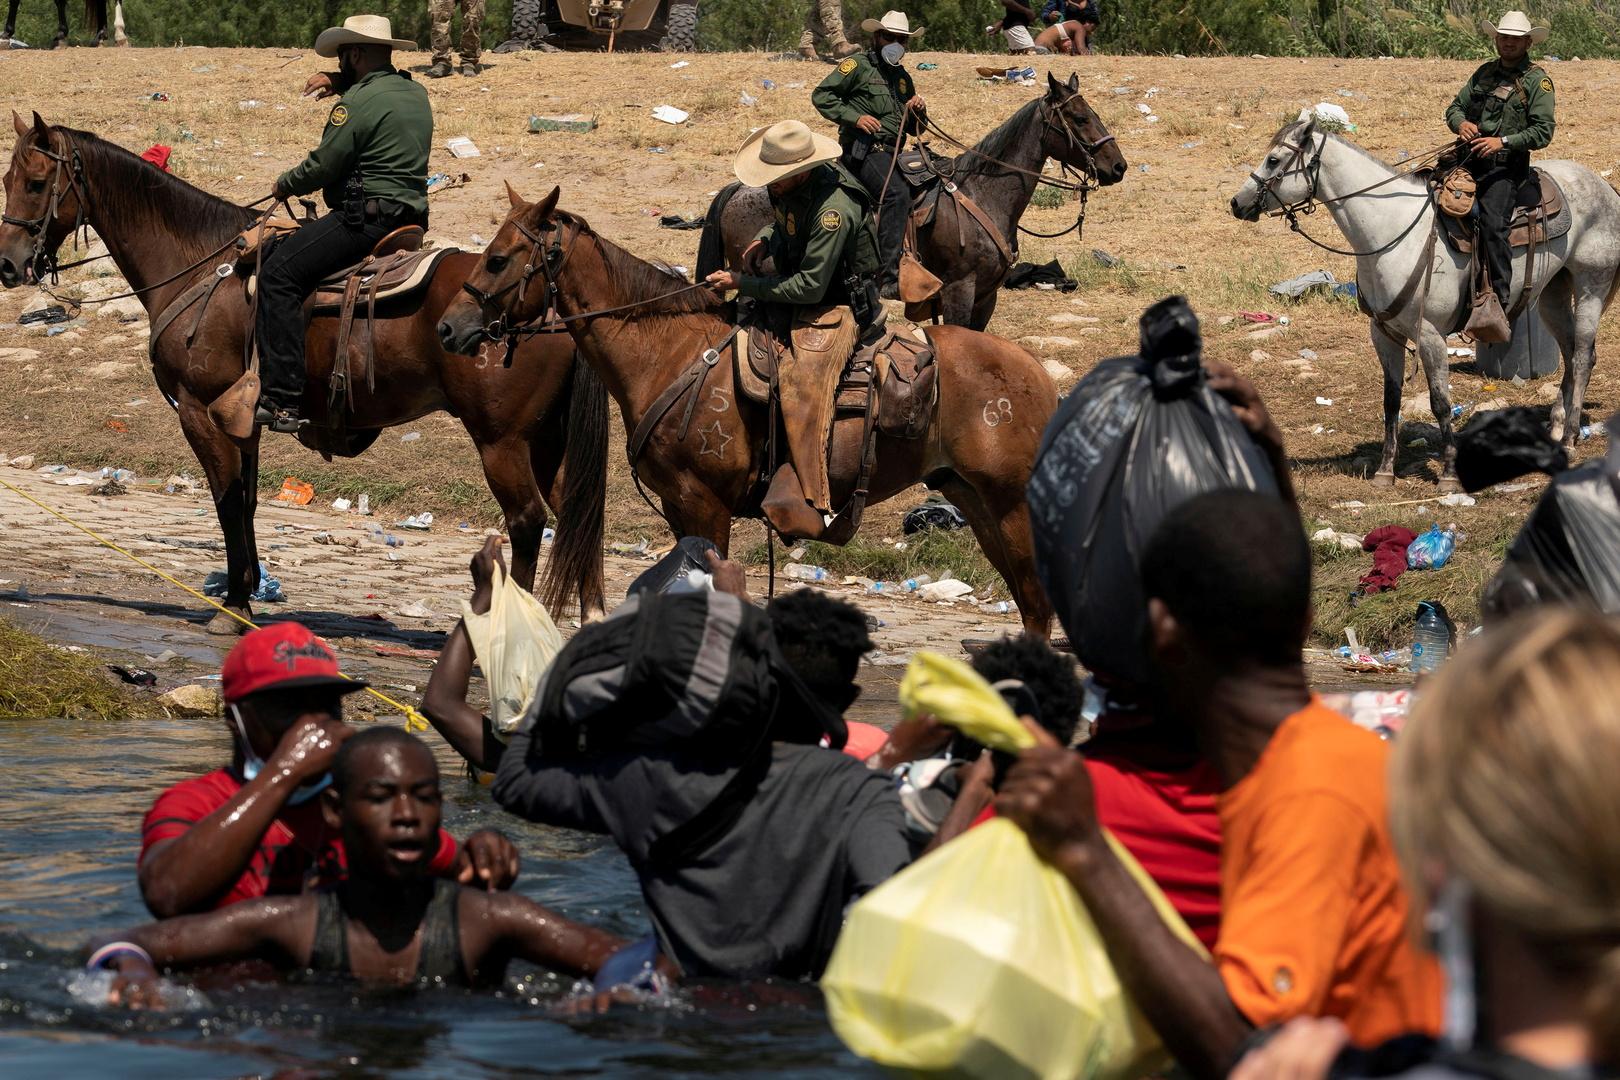 كامالا هاريس عن ملاحقة ضباط الحدود للاجئين من هايتي: هذا أسلوب استخدم ضد الأفارقة زمن العبودية